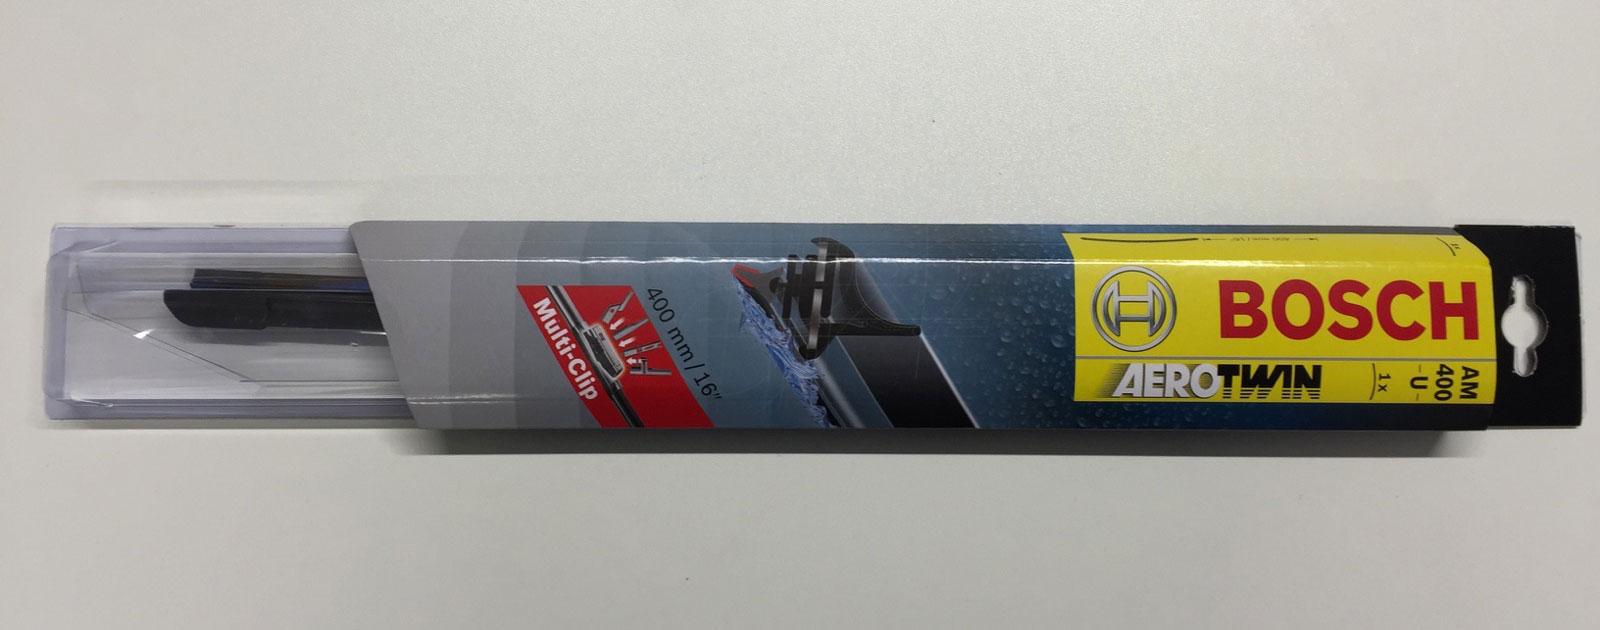 Scheibenwischer / Wischblatt Bosch AEROTWIN AR18USingle Bild 1